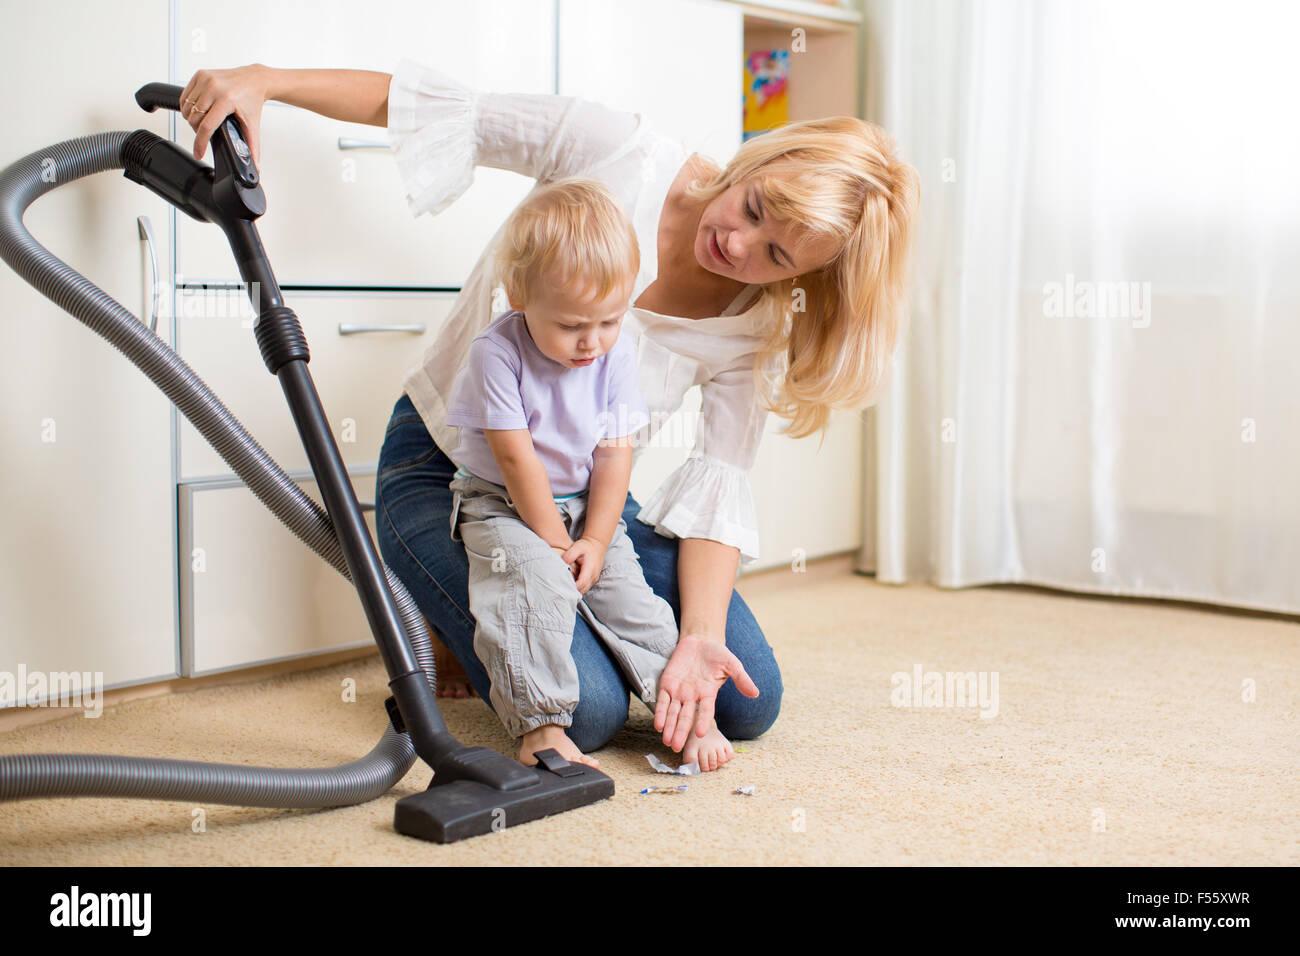 La Madre insegna a suo figlio figlio la pulizia della camera Immagini Stock